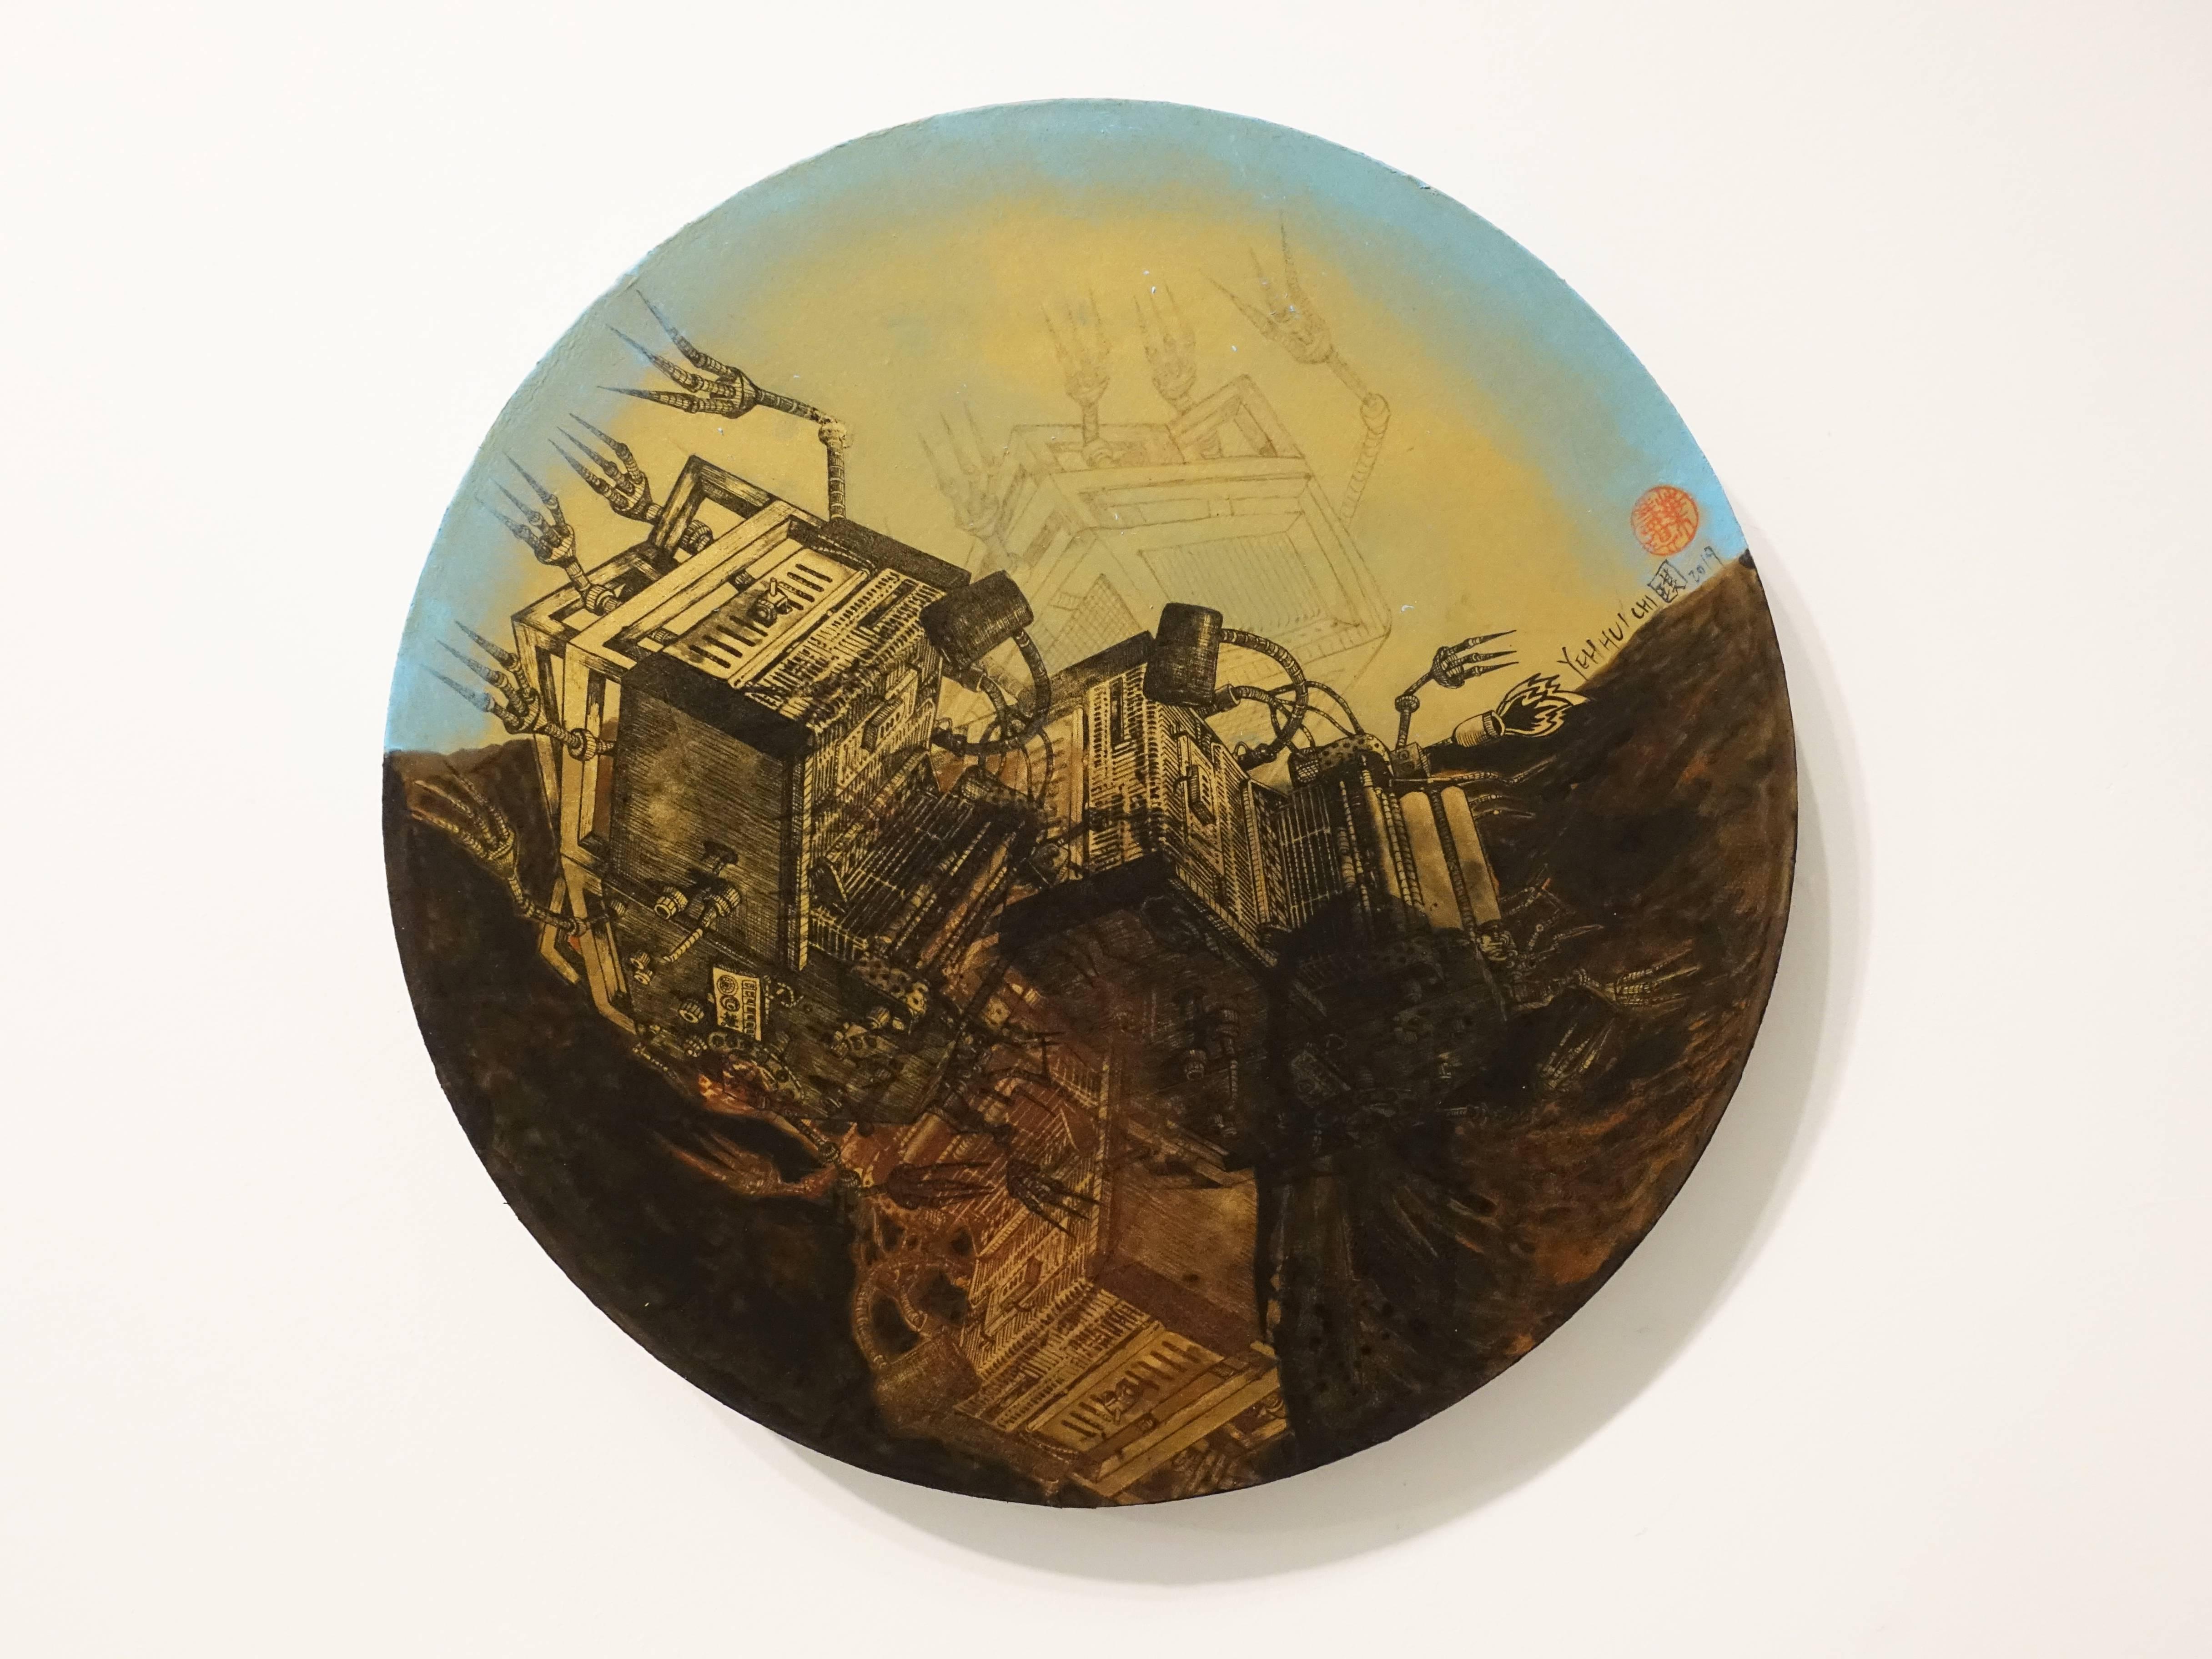 葉慧琪,《機械群27》,30 x 30 cm,綜合媒材、絹布。